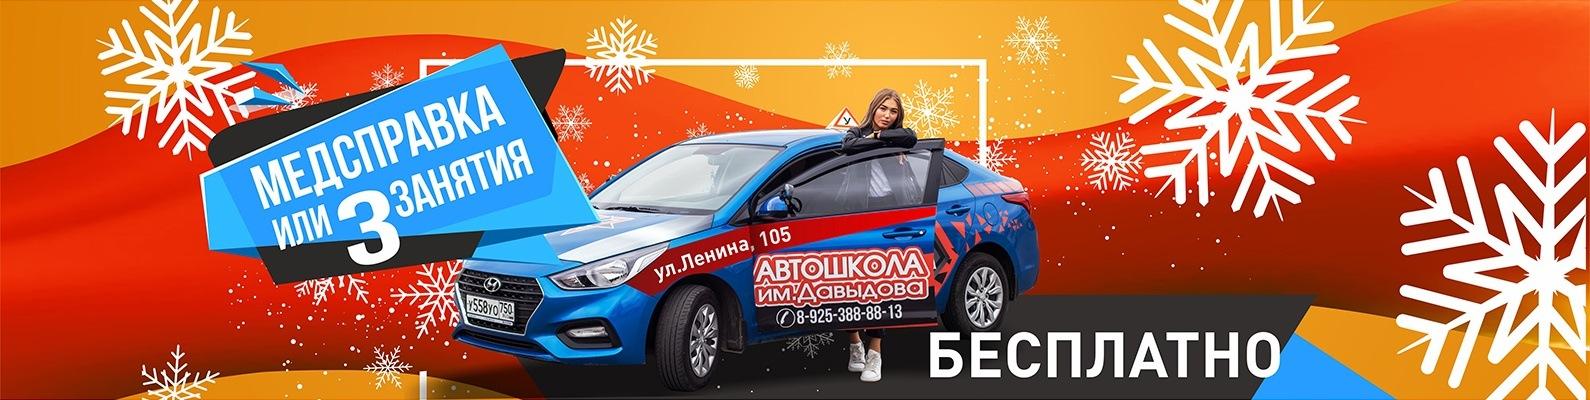 Водительская справка за один день в Ликино-Дулево